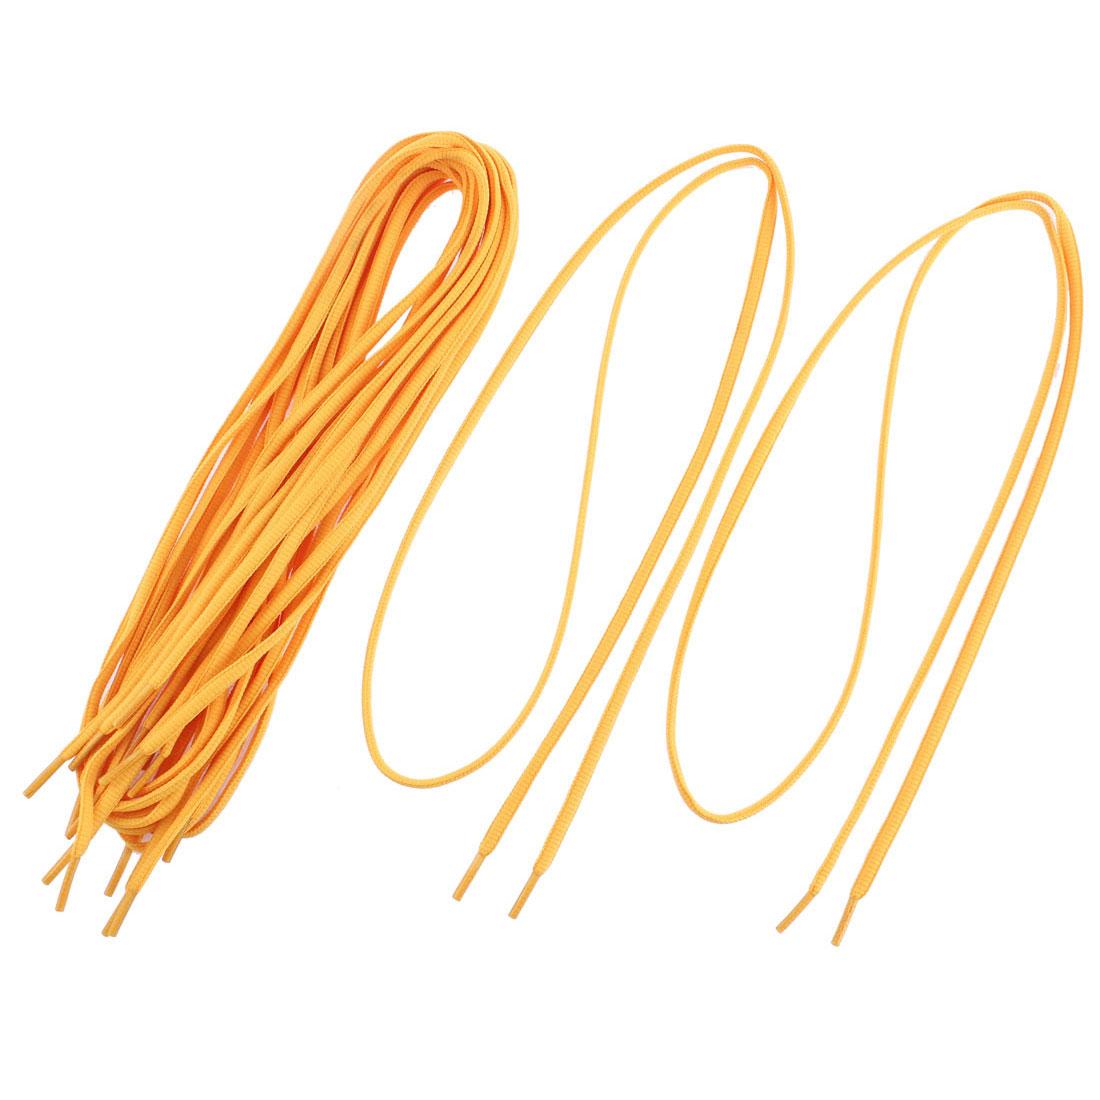 Skateboard Hiking Athletic Shoes Shoelaces String Orange 5 Pairs